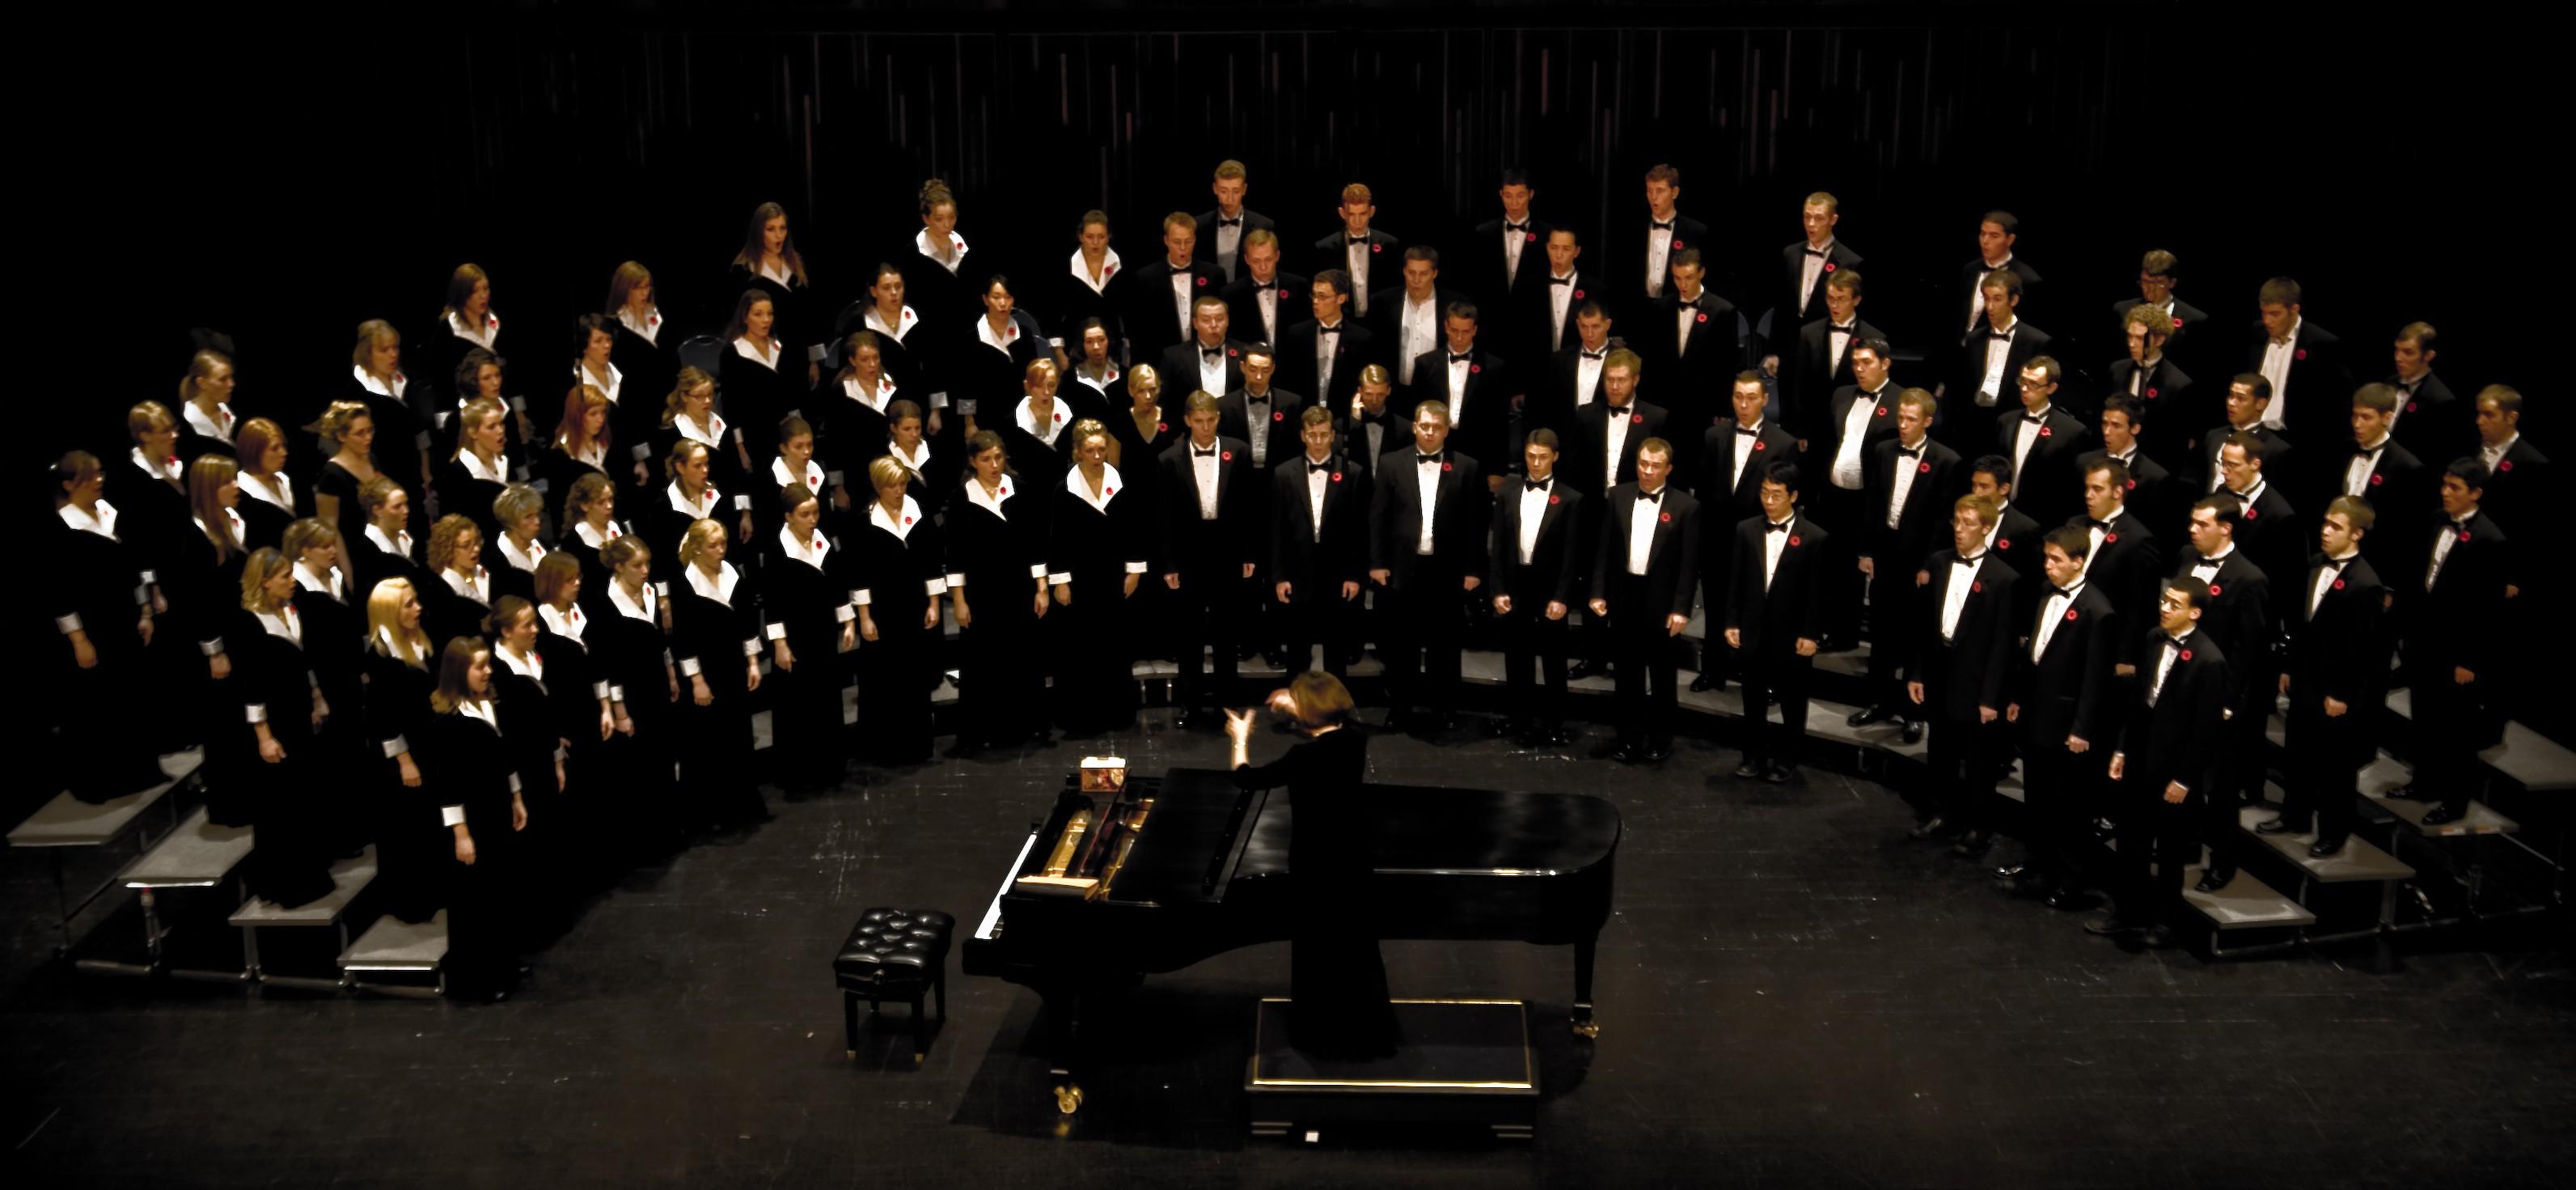 ЩАС СПОЮ: Чему хоровое пение может научить в лидерстве?